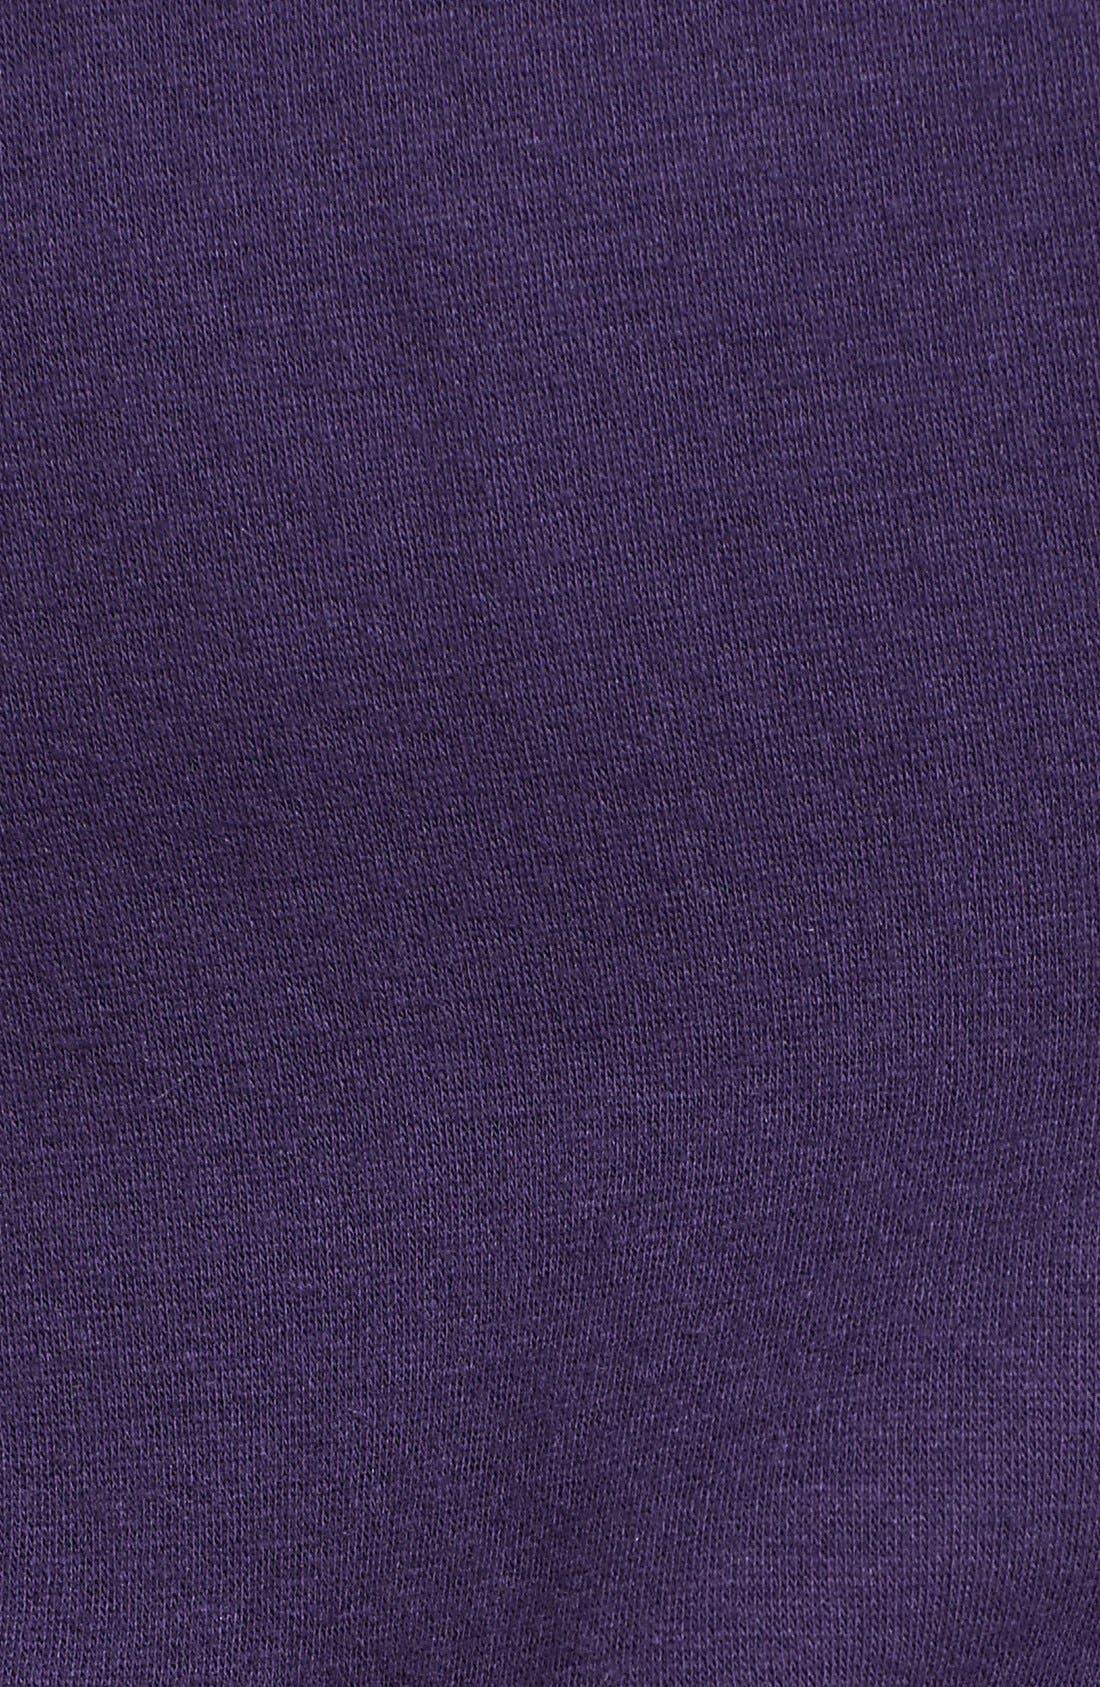 'Collins' Double Knit Pants,                             Alternate thumbnail 4, color,                             Purple Violet